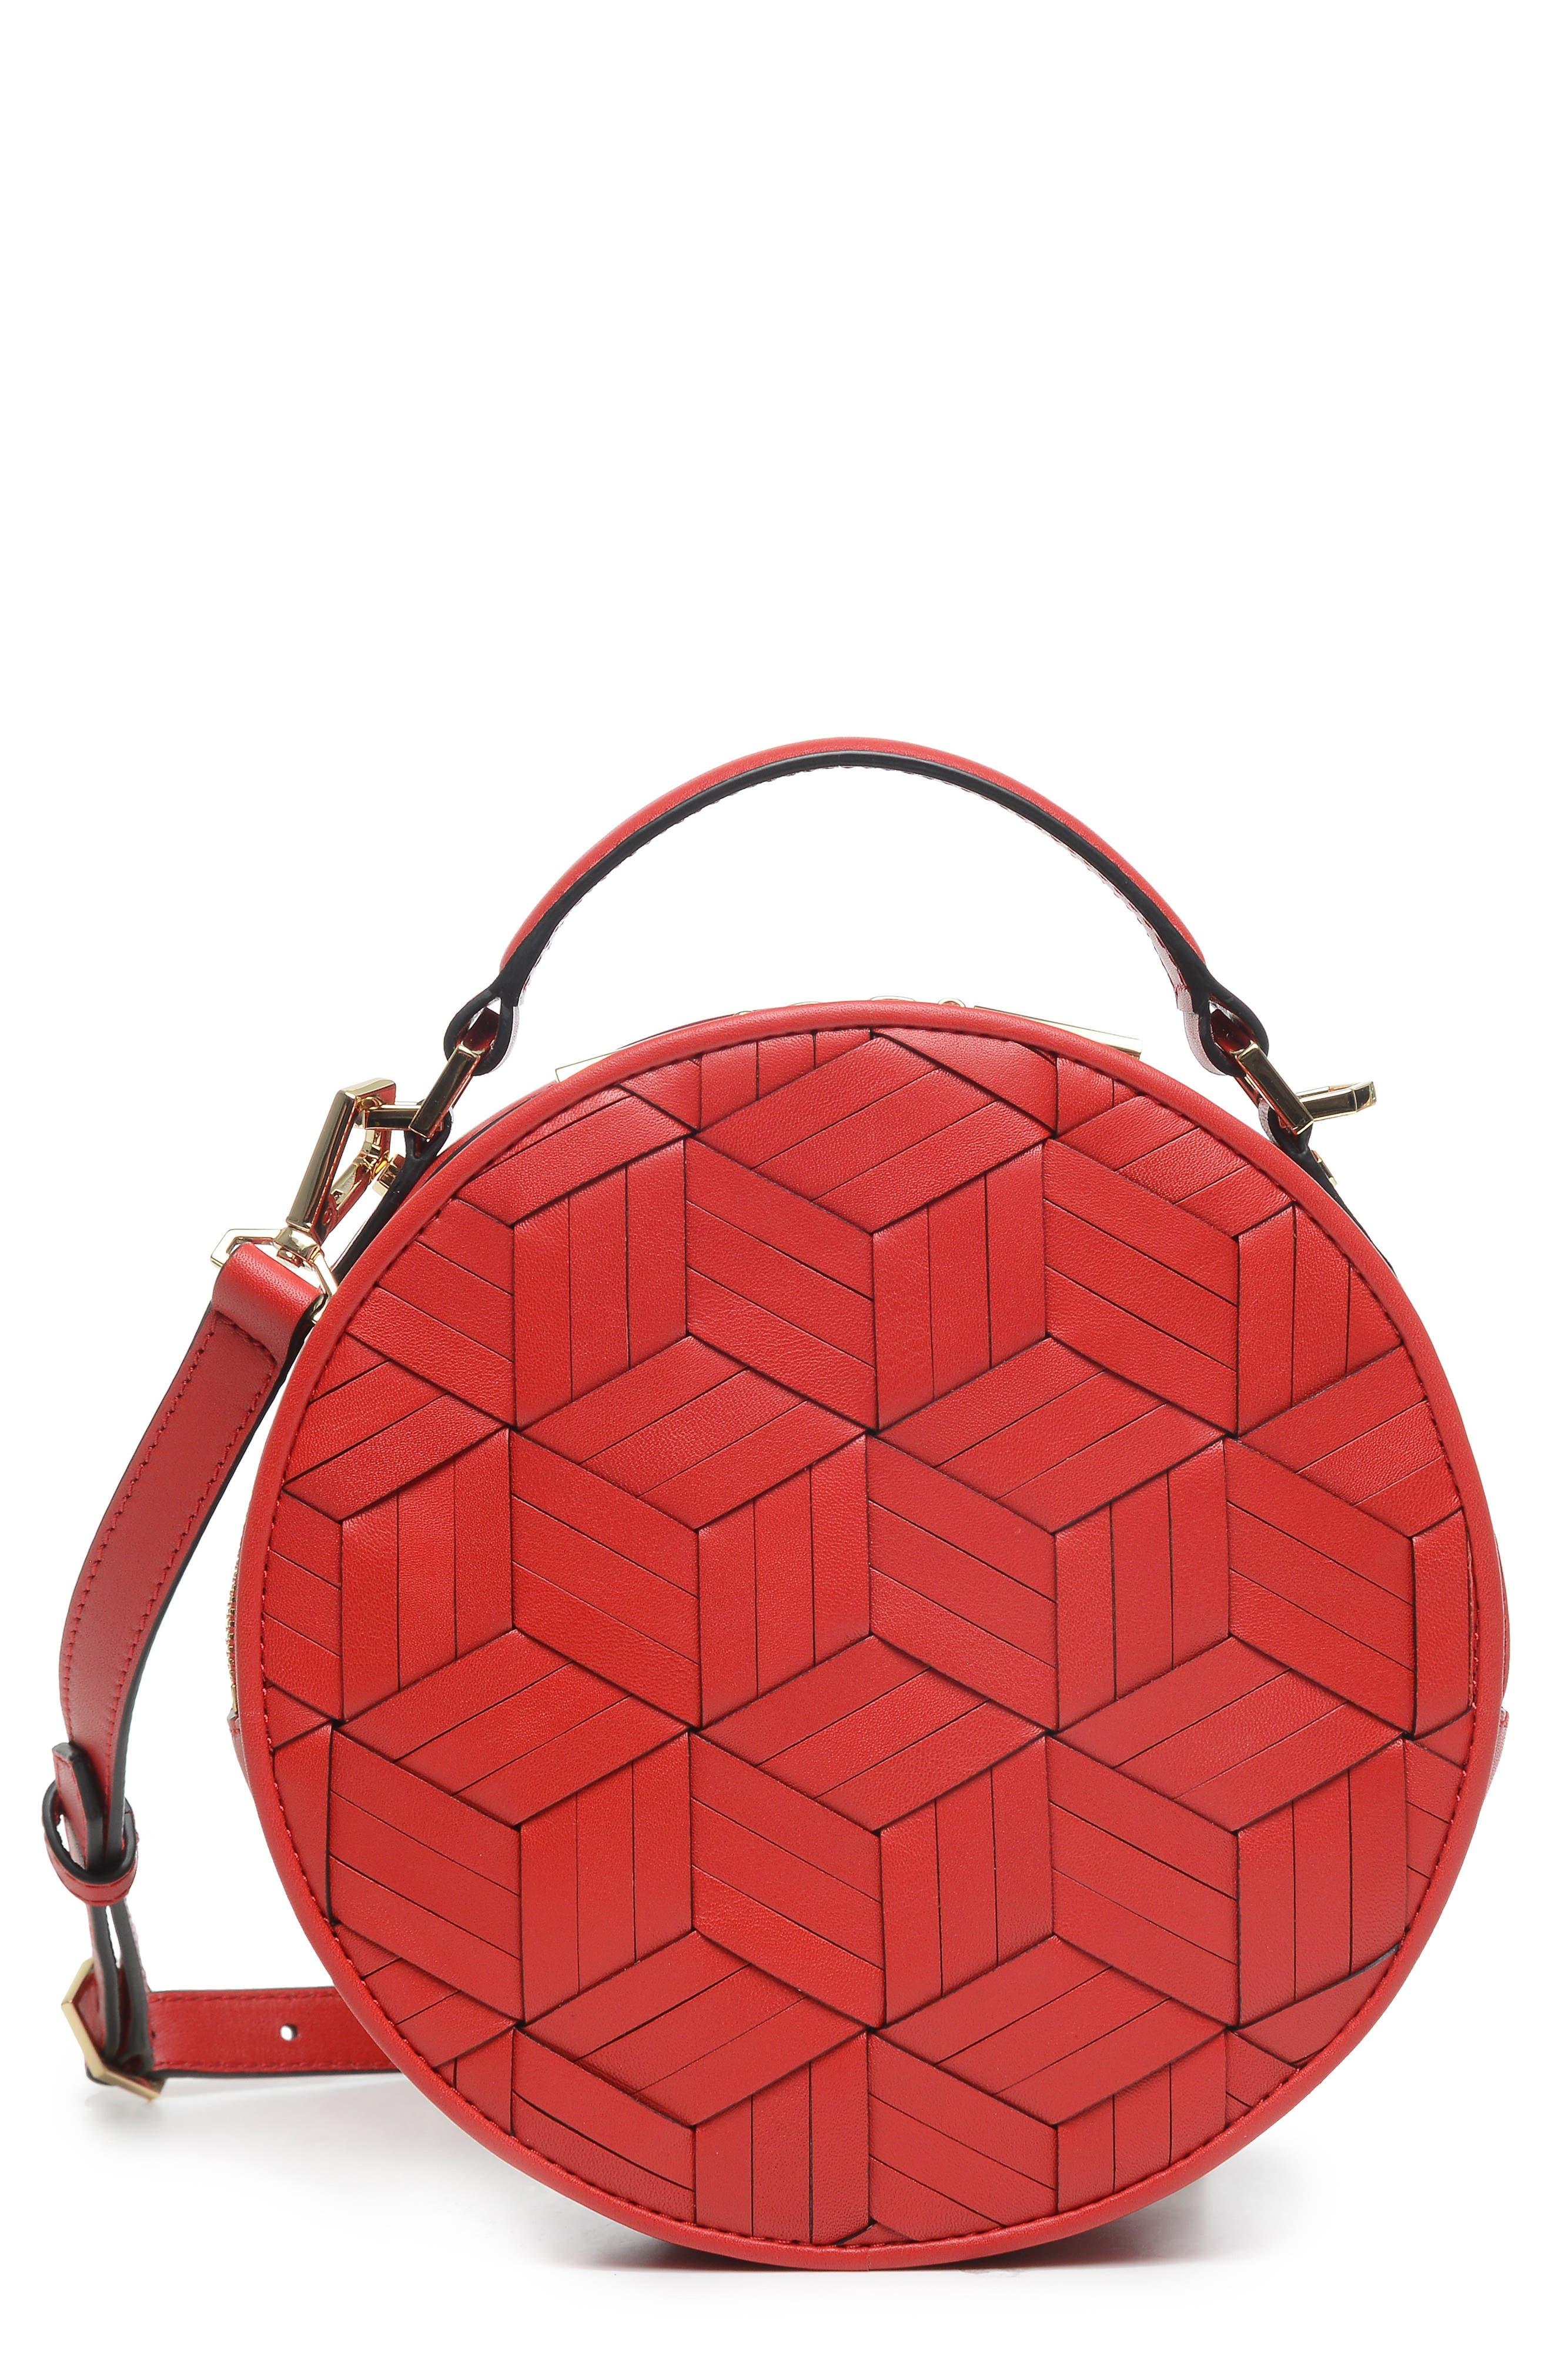 WELDEN Meridian Leather Crossbody Bag - Red in Dark Red